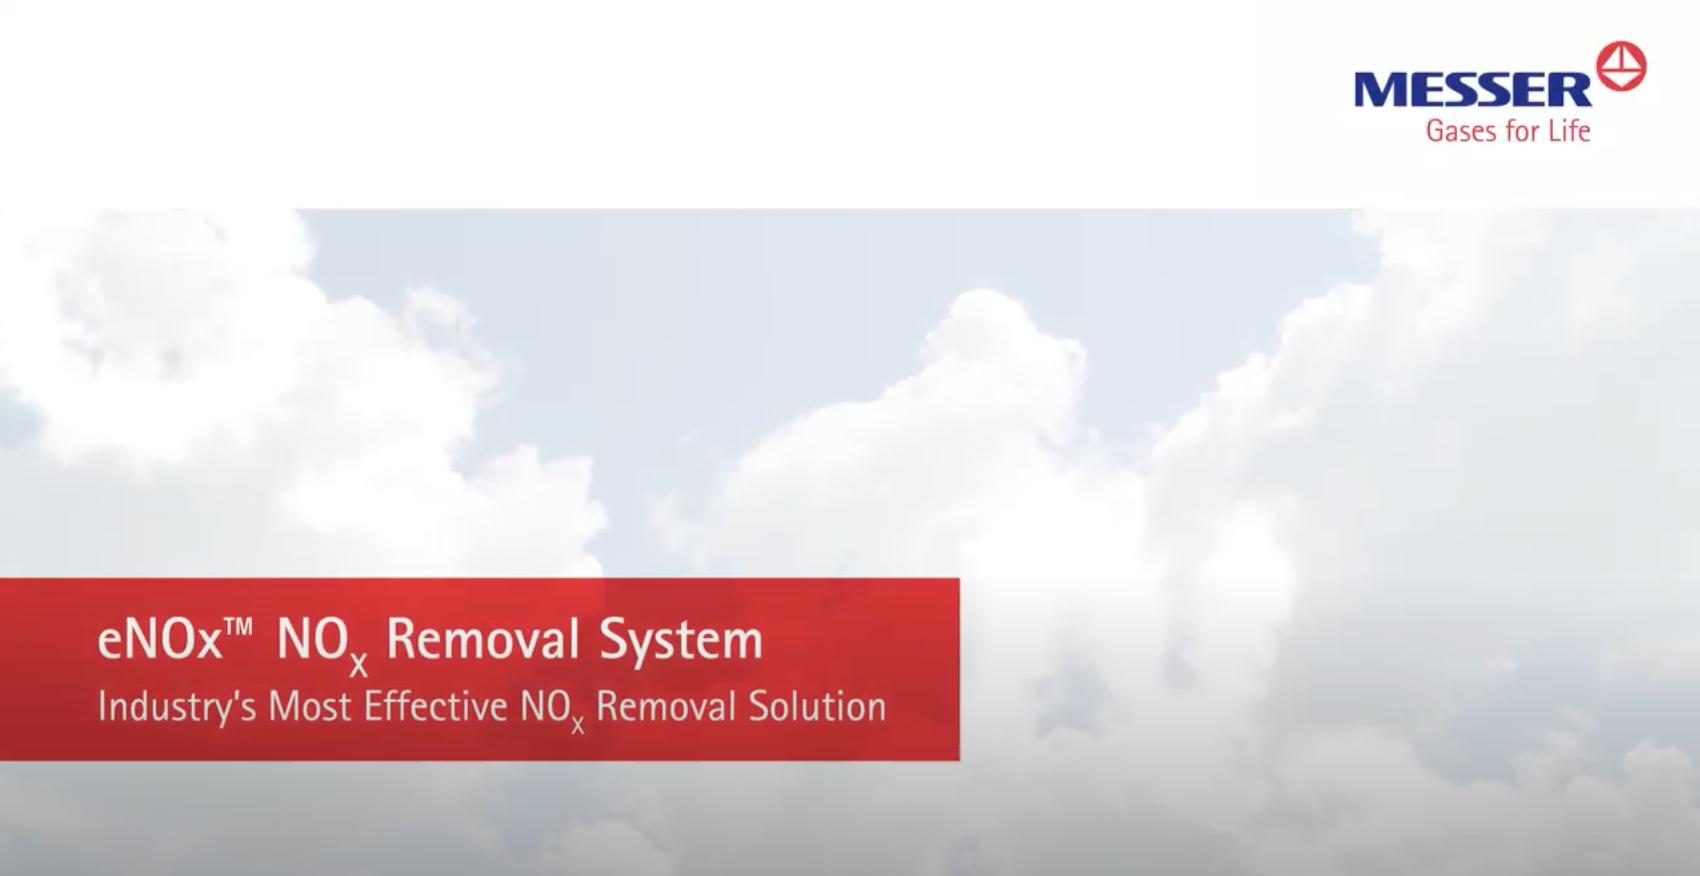 eNOx™ NOx Removal System